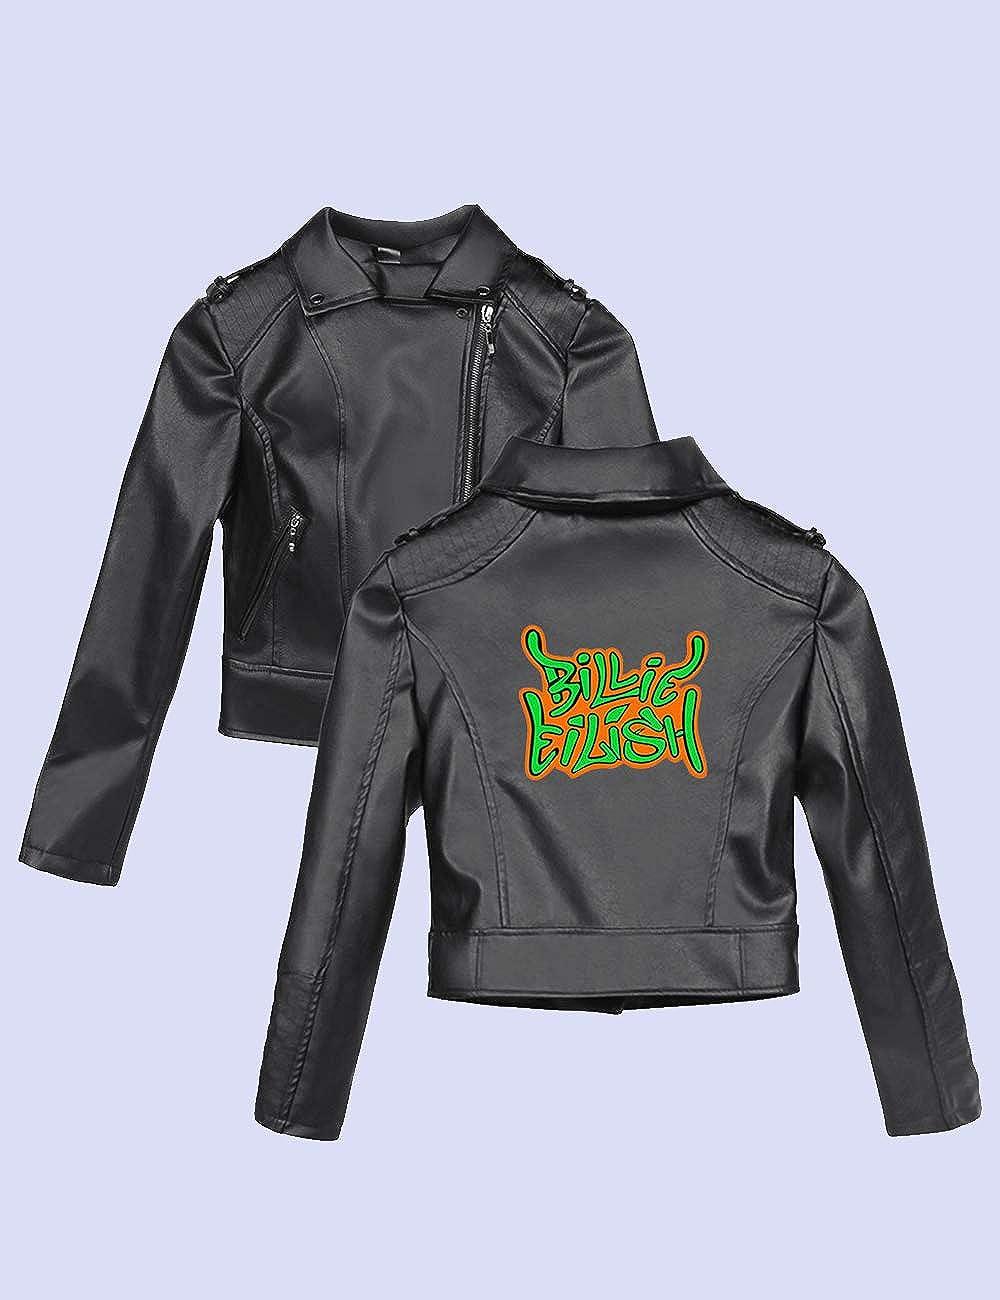 Billie Eilish Jacke Damen Teenager M/ädchen Mode Neon Gr/ün 3D Druck Lederjacke Frauen Coole Leder Jacket Pullover Hip Hop Bad Guy Winterjacke J/äckchen Sweatshirt Mantel Outwear Pulli